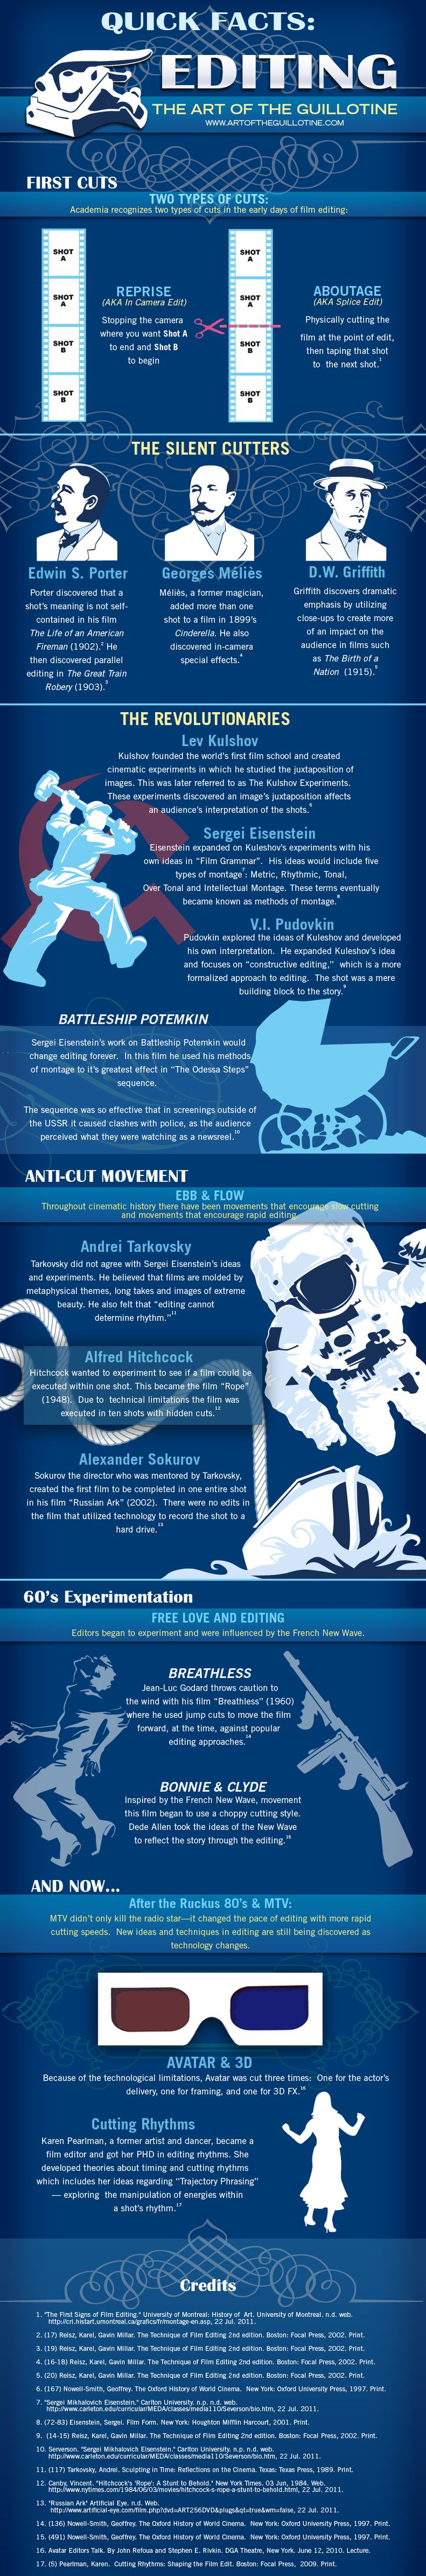 http://filmlinker.com/otherimages/Slideshows/infographics/HistoryInEditing.jpg